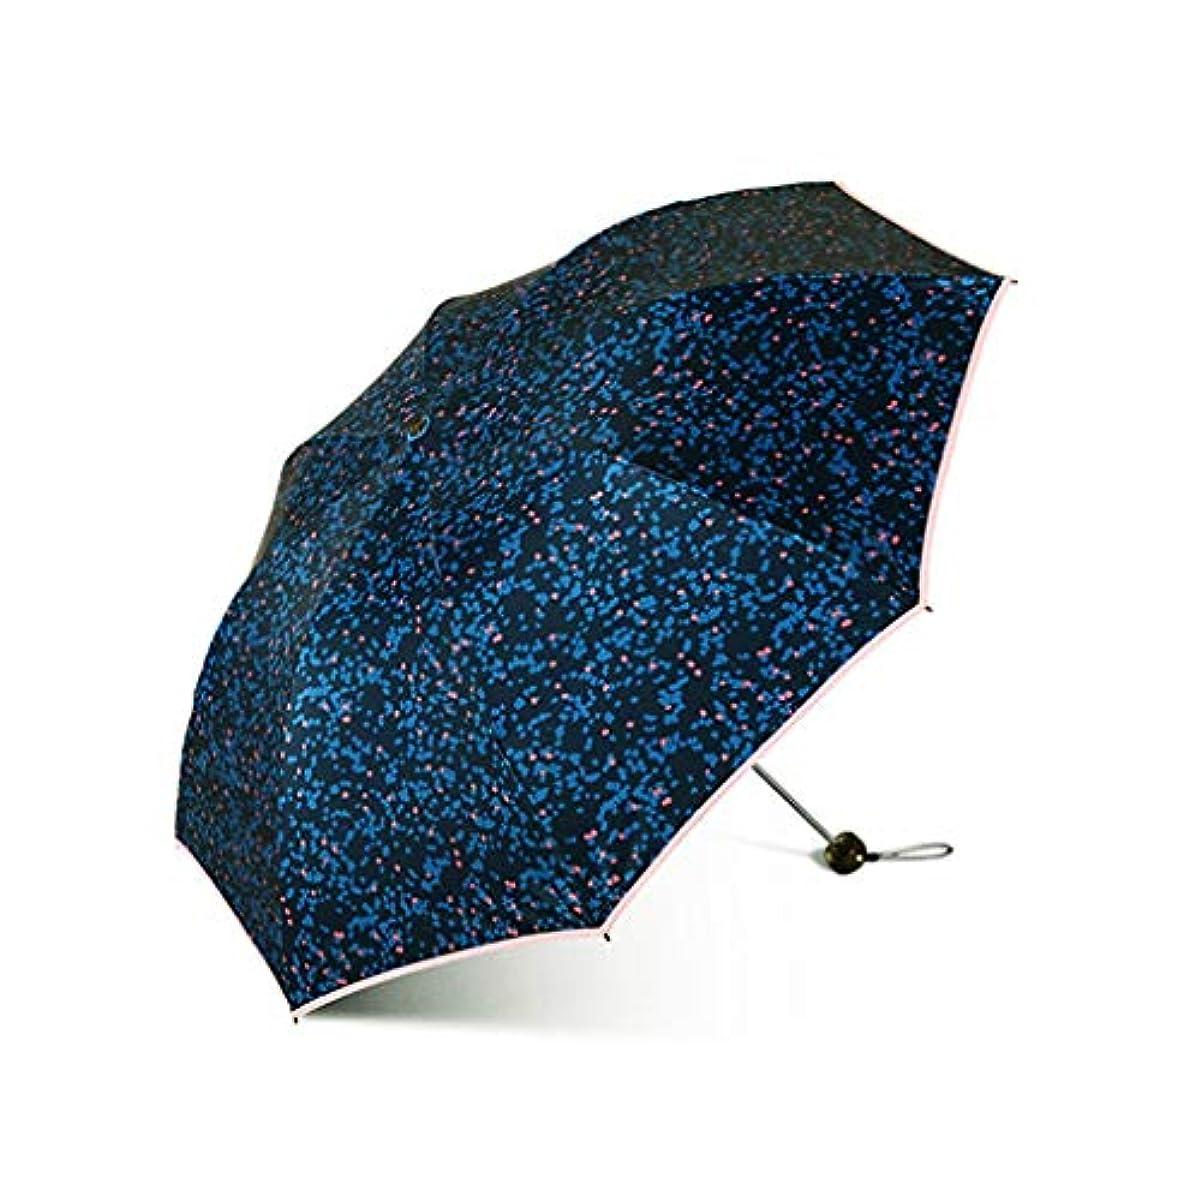 筋本当に分解するPy 傘太陽傘抗UV傘デュアルユース折りたたみ傘小さな新鮮な